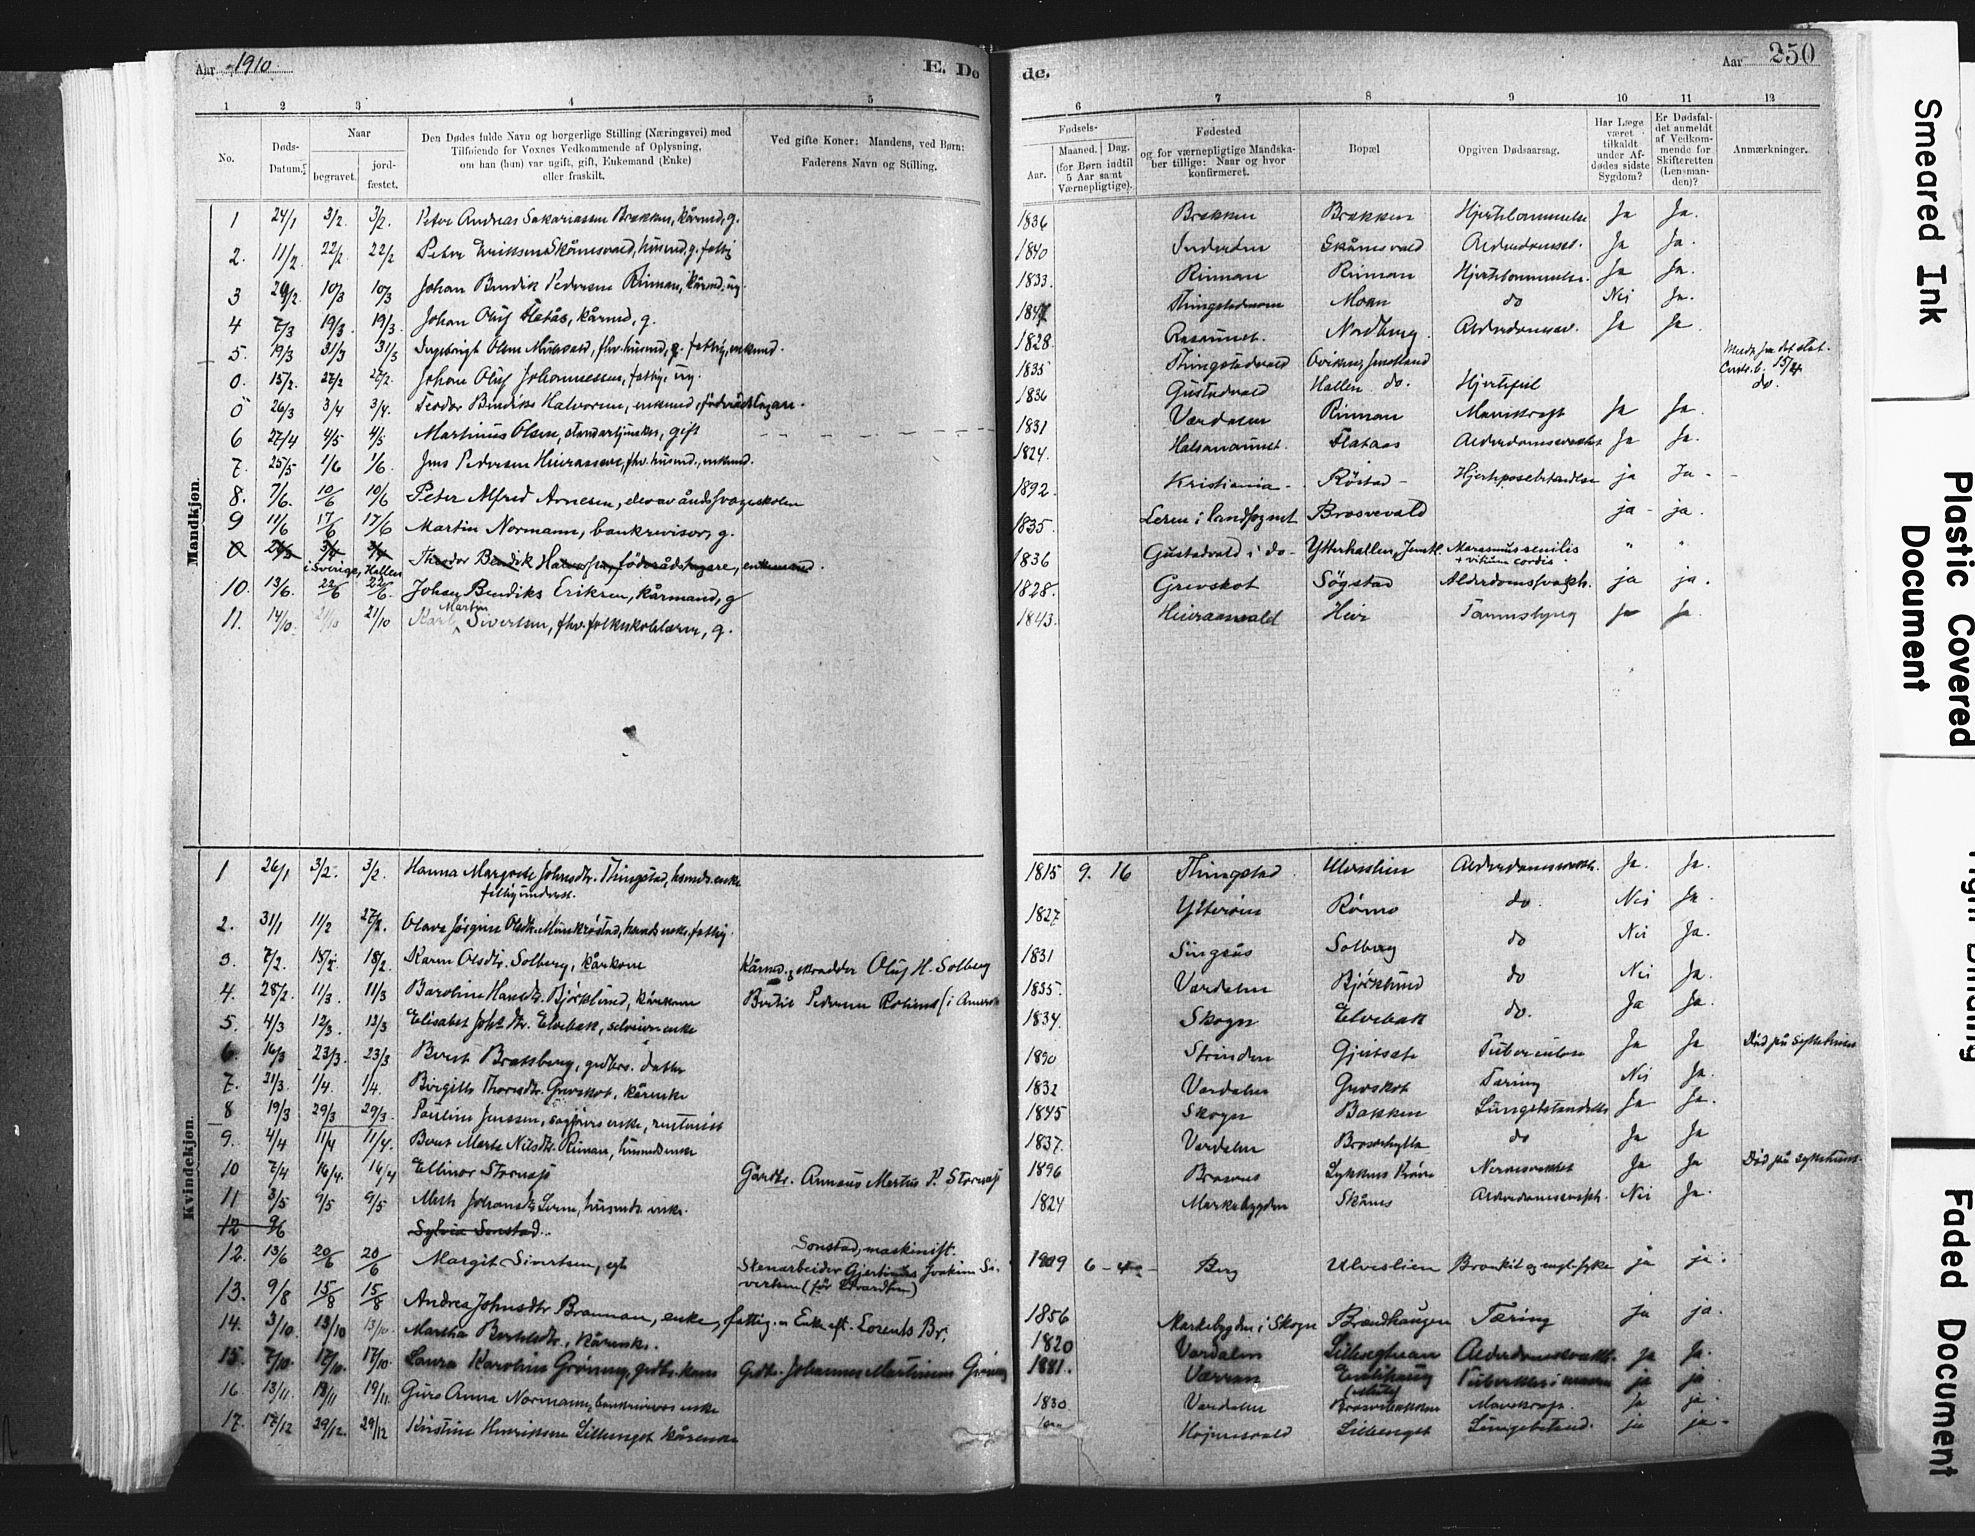 SAT, Ministerialprotokoller, klokkerbøker og fødselsregistre - Nord-Trøndelag, 721/L0207: Ministerialbok nr. 721A02, 1880-1911, s. 250